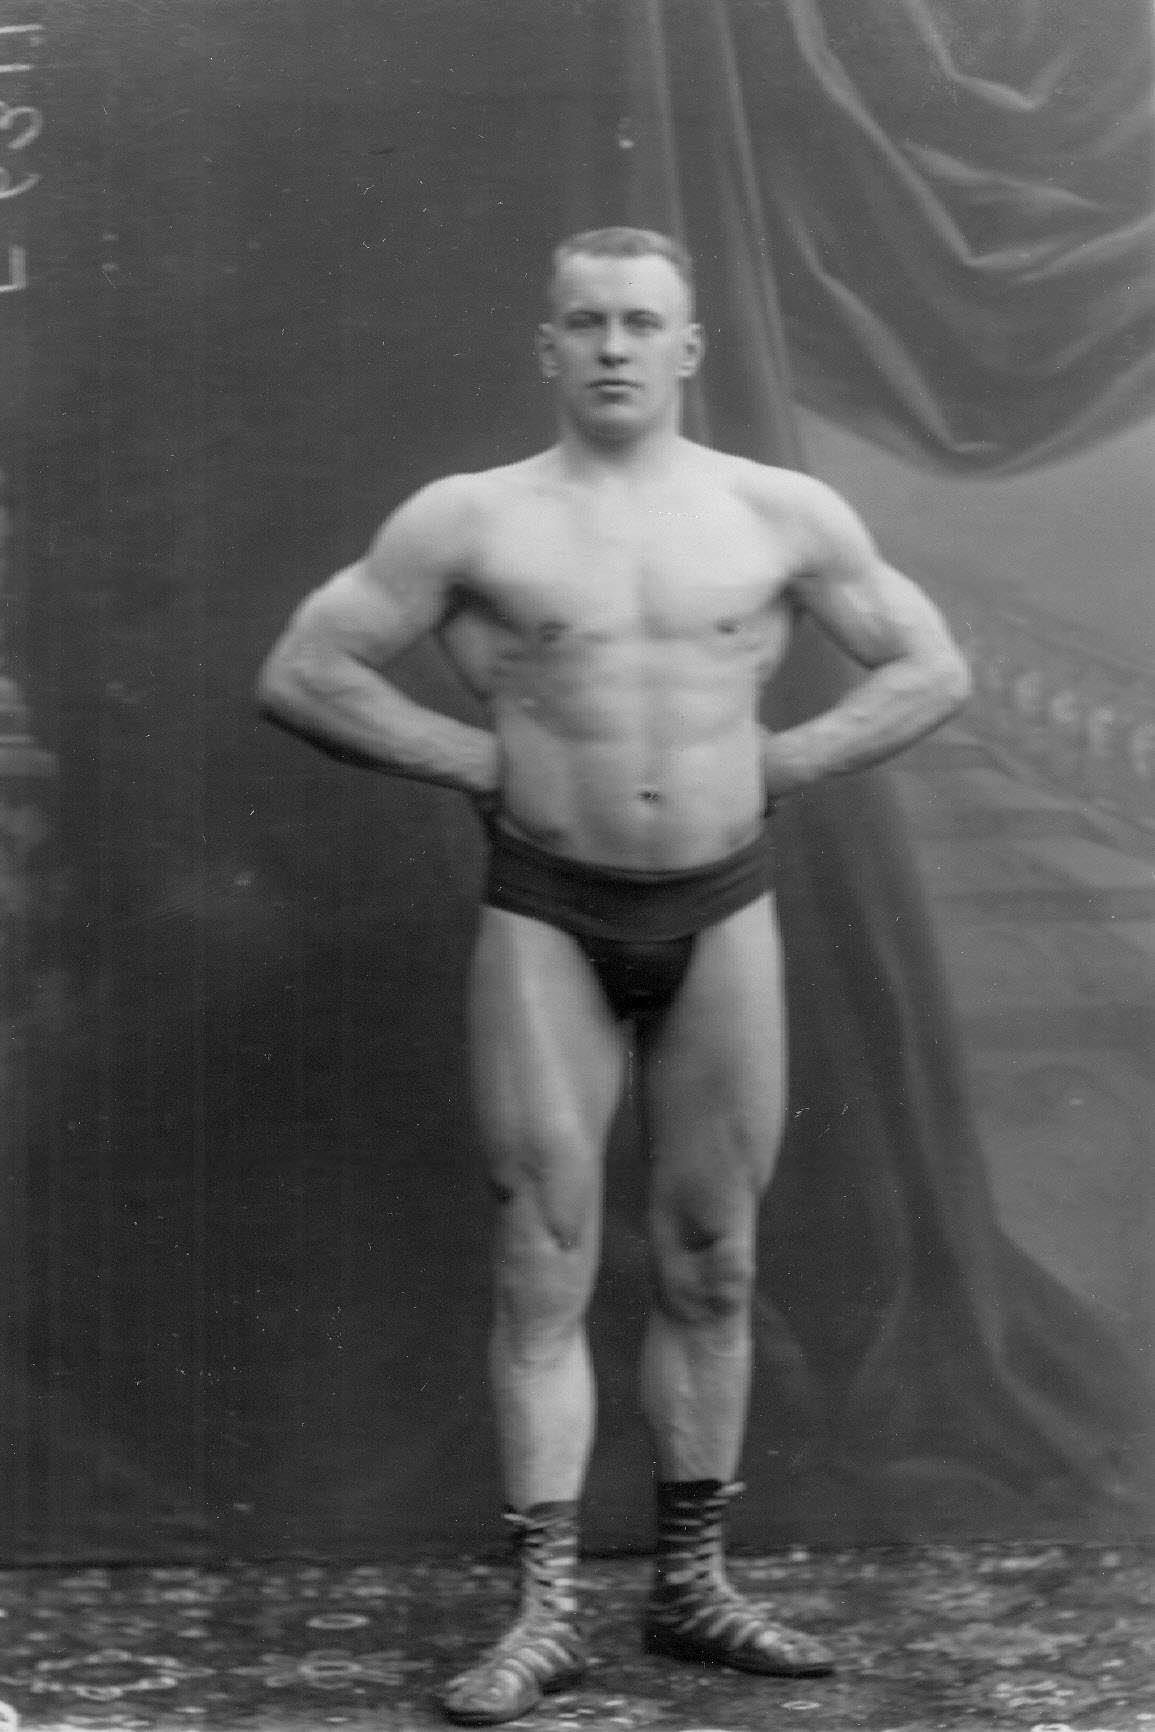 Портрет Г.Луриха, чемпиона мира по классической борьбе, участника чемпионата